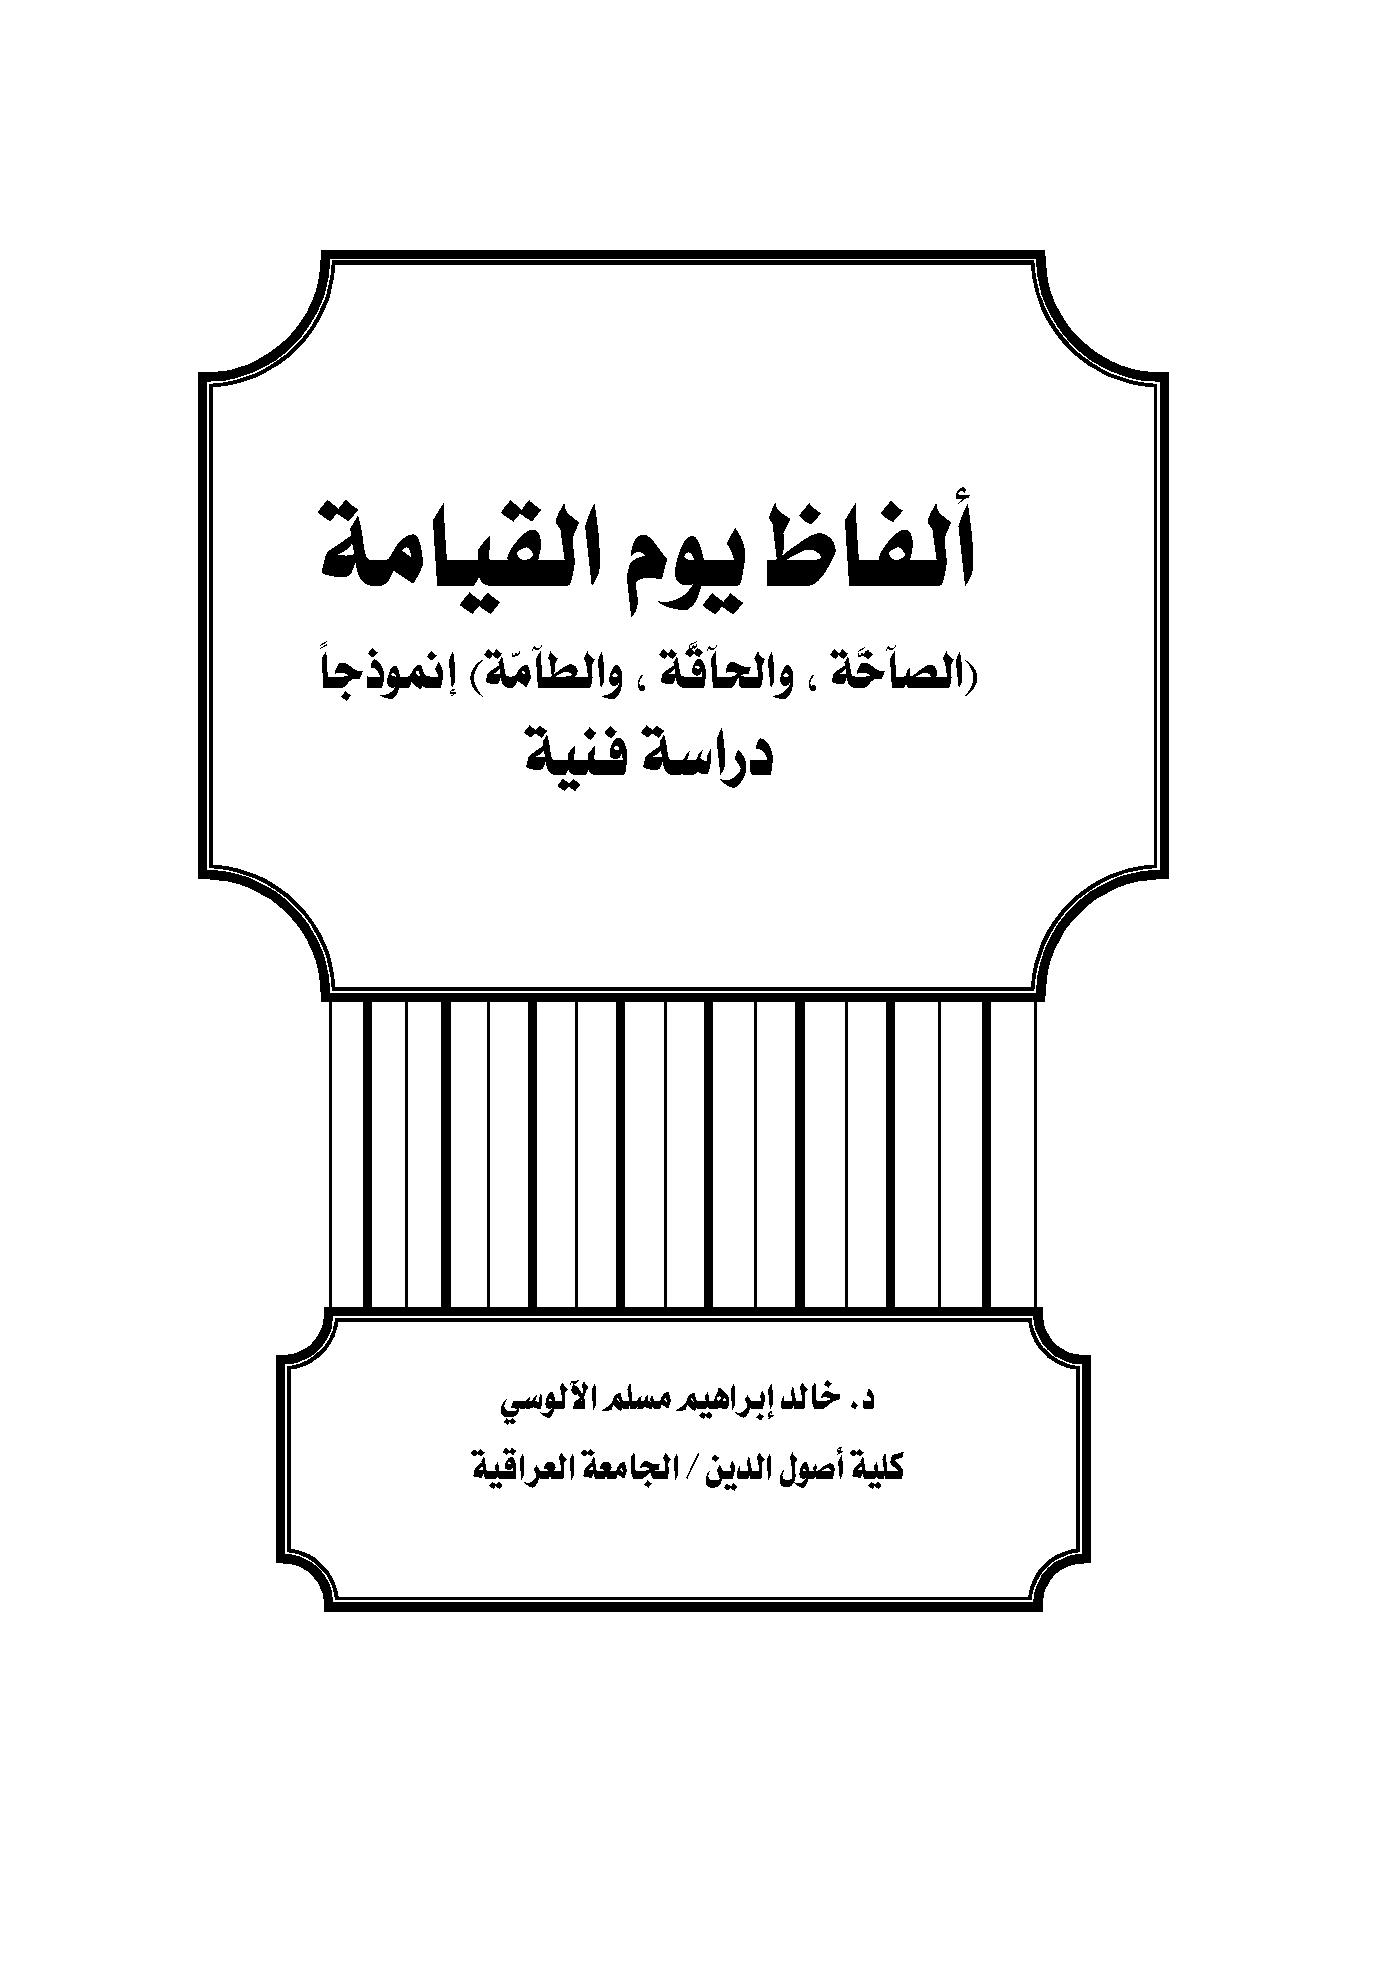 تحميل كتاب ألفاظ يوم القيامة (الصاخة، والحاقة، والطامة) إنموذجًا (دراسة فنية) لـِ: الدكتور خالد إبراهيم مسلم الآلوسي